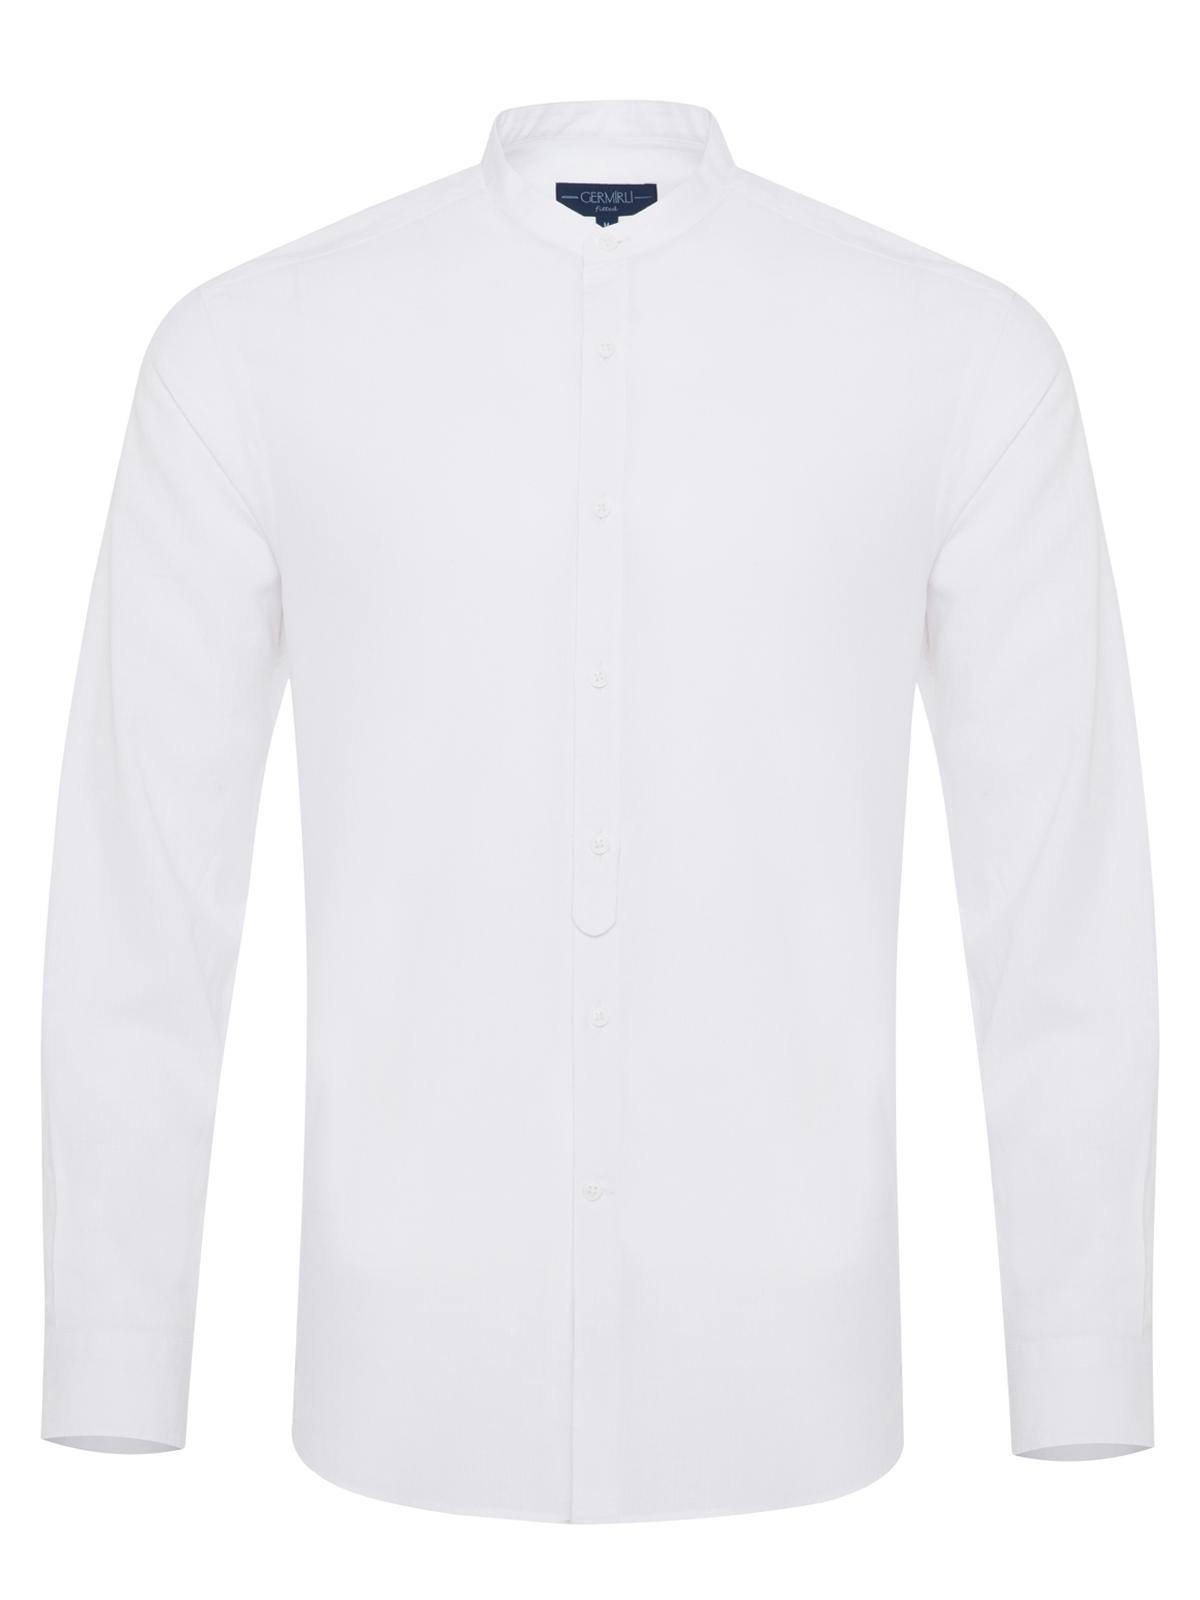 Germirli - Germirli Beyaz Keten Hakim Yaka Tailor Fit Gömlek